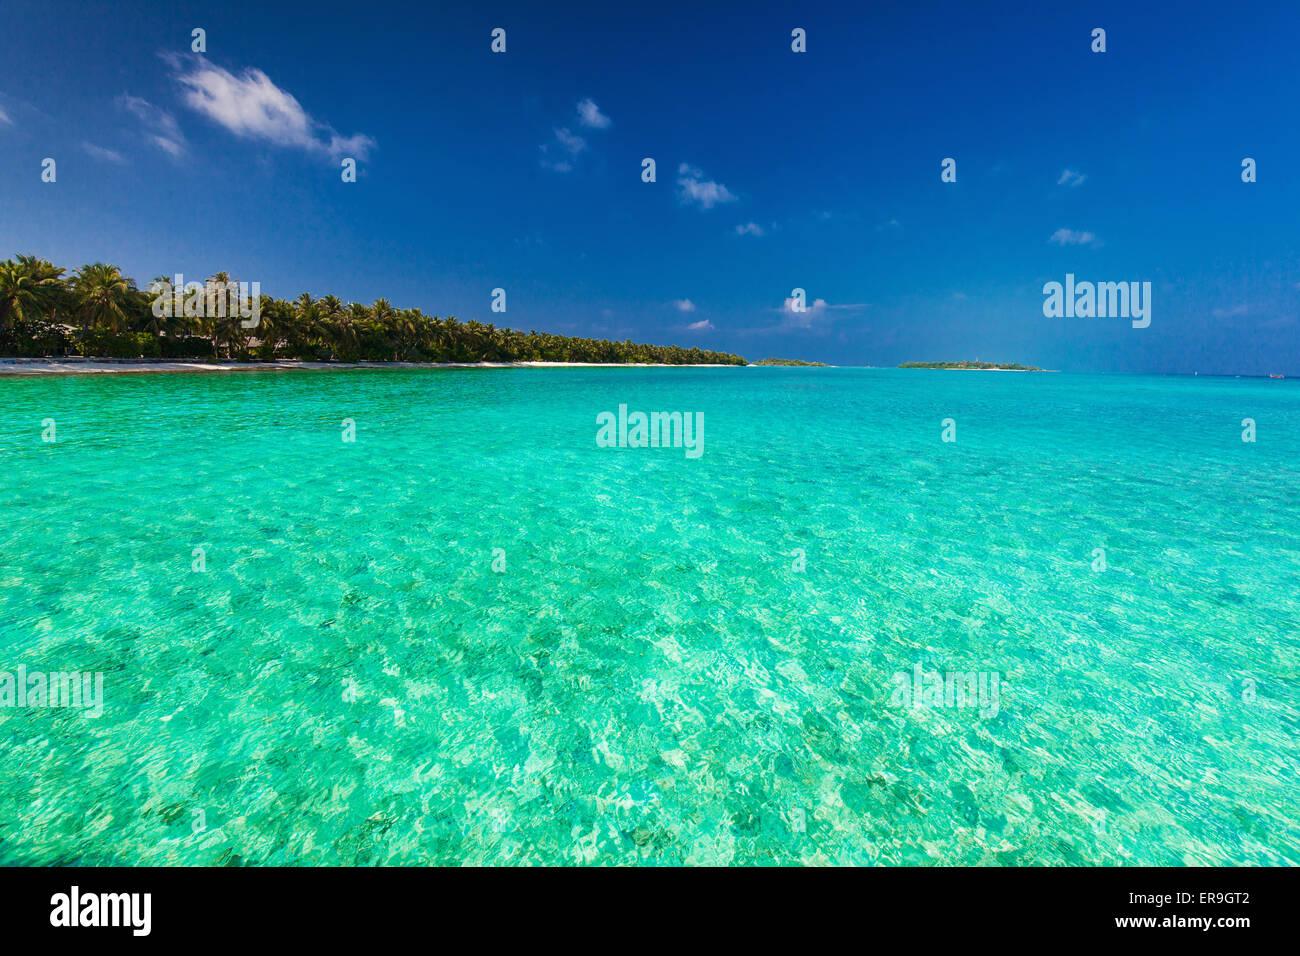 Isla tropical con playa de arena, el cielo claro y aguas cristalinas Imagen De Stock